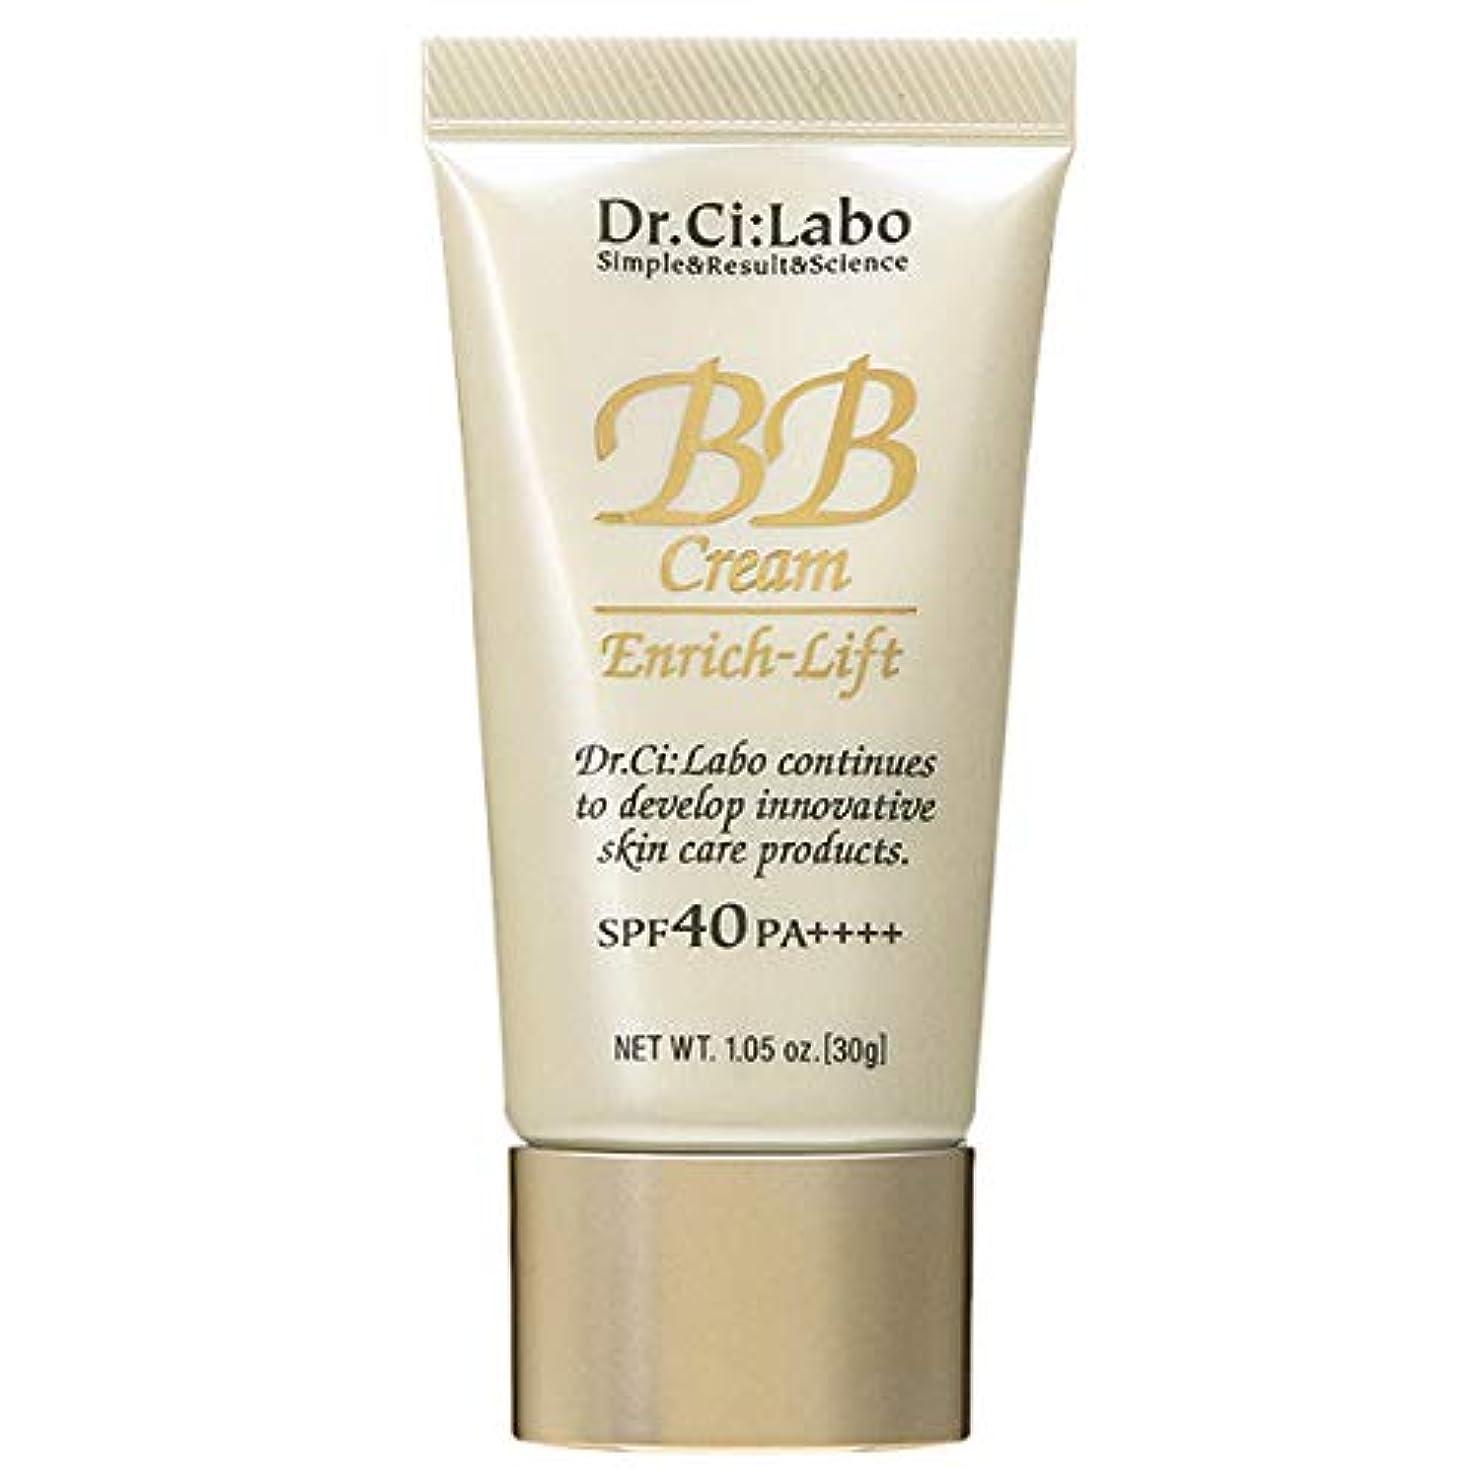 全能ムス支援ドクターシーラボ Dr.Ci:Labo BBクリーム エンリッチリフトLN18 SPF40 PA++++ 30g